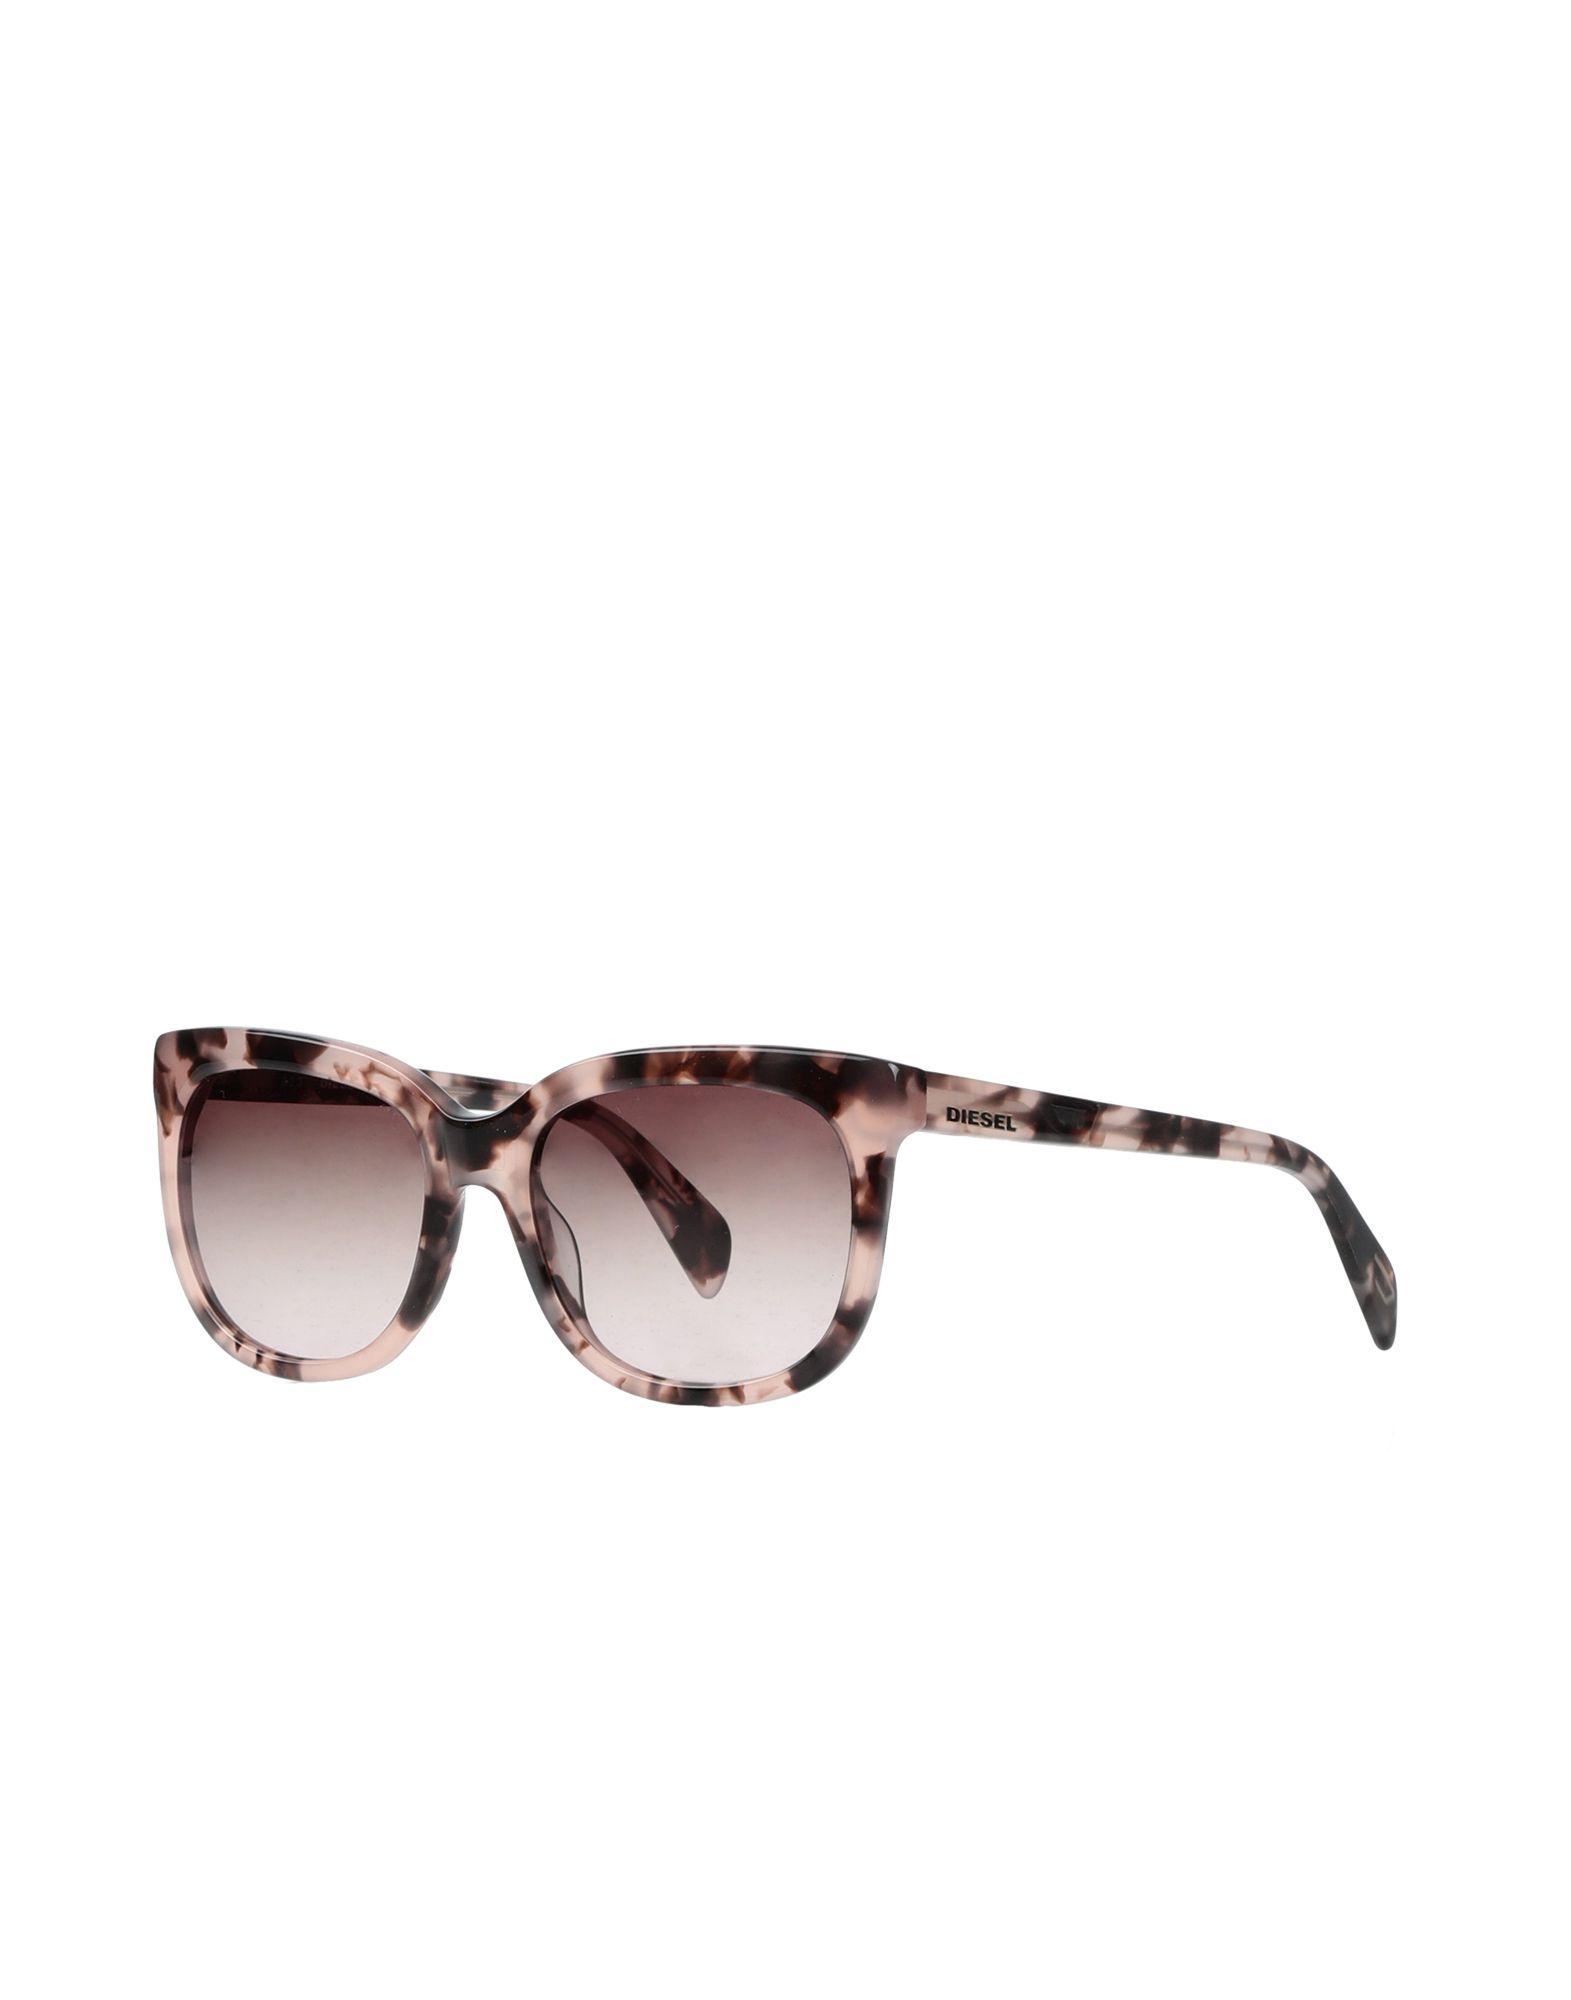 DIESEL Солнечные очки очки рисунок